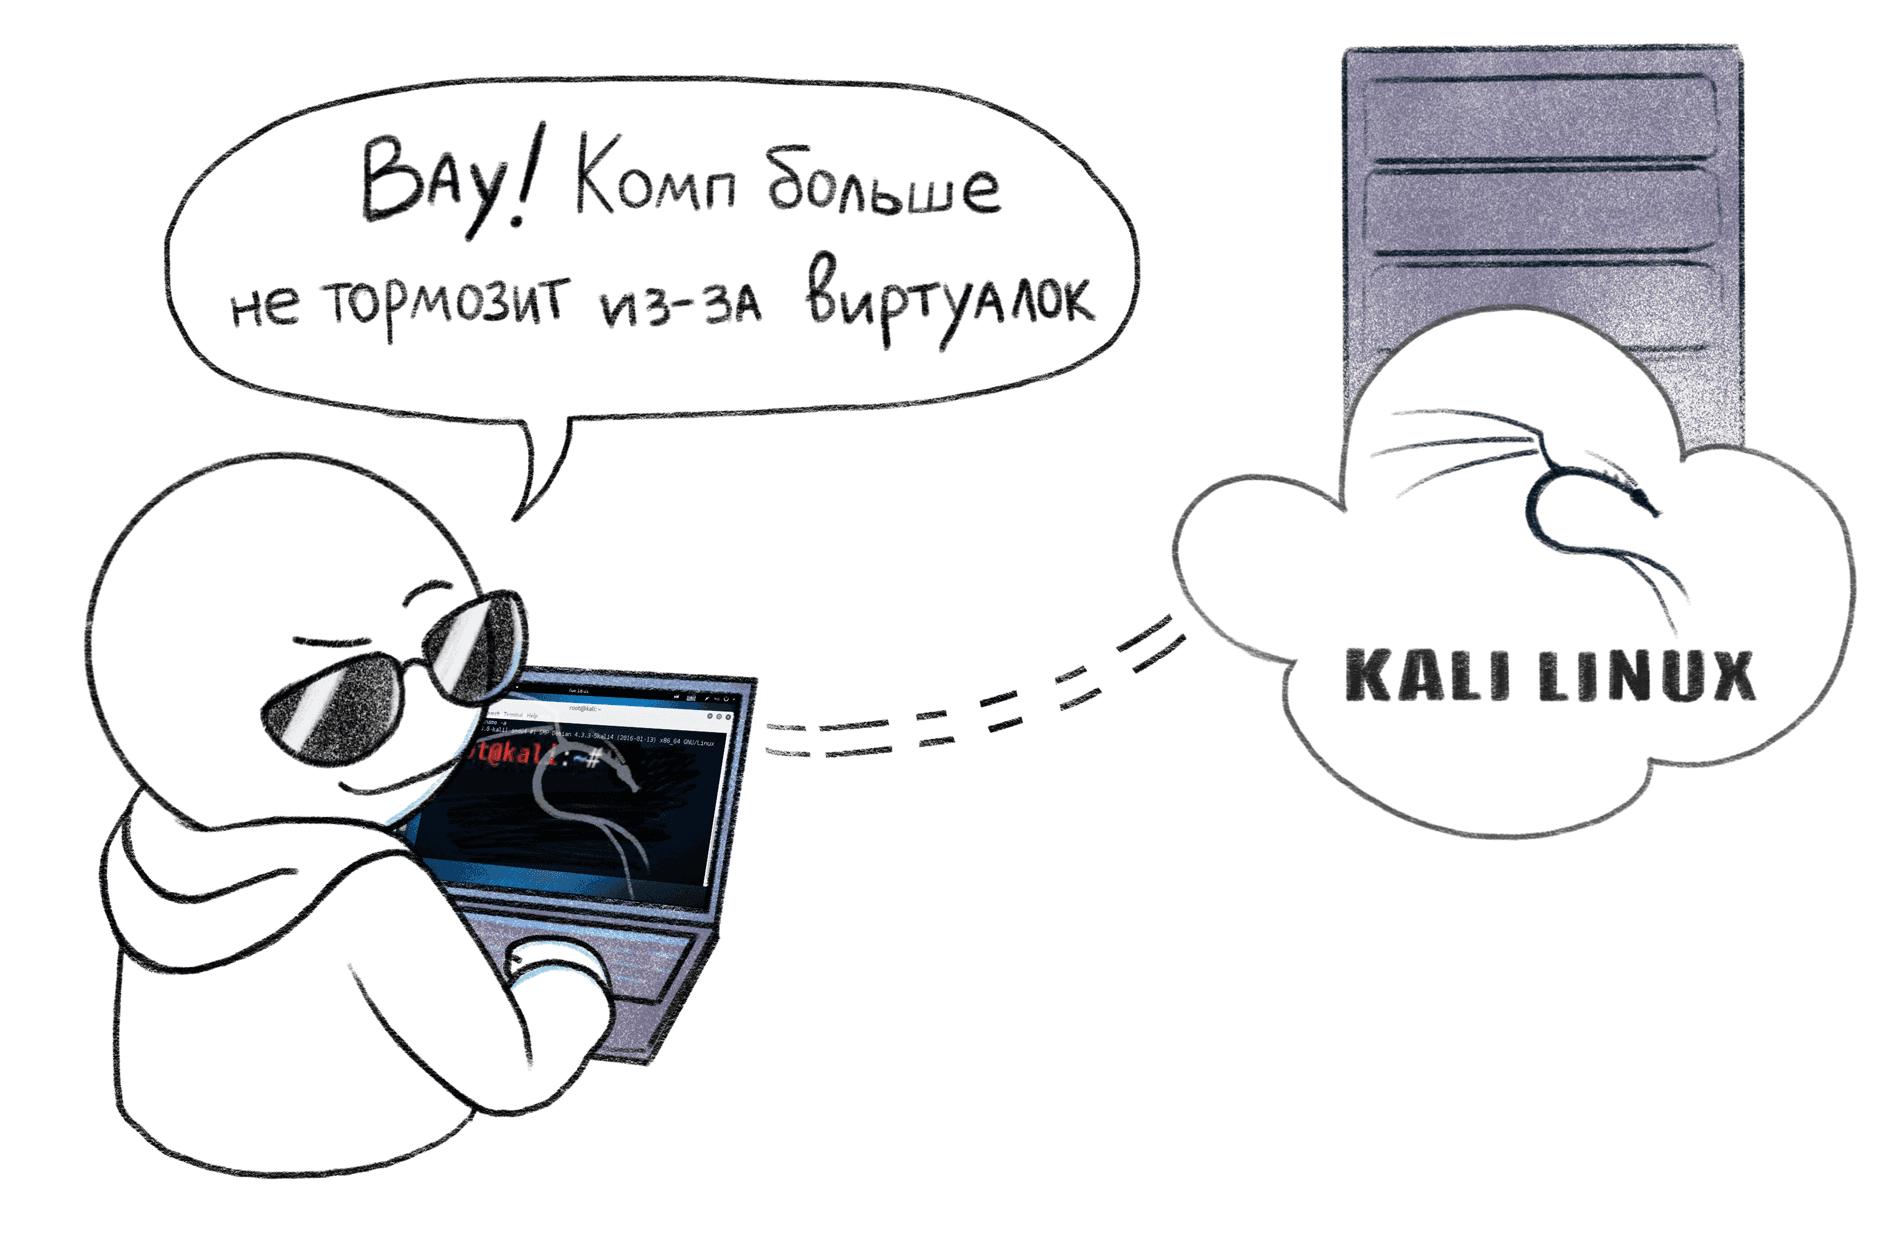 Устанавливаем Kali Linux с графическим интерфейсом на виртуальный сервер - 1